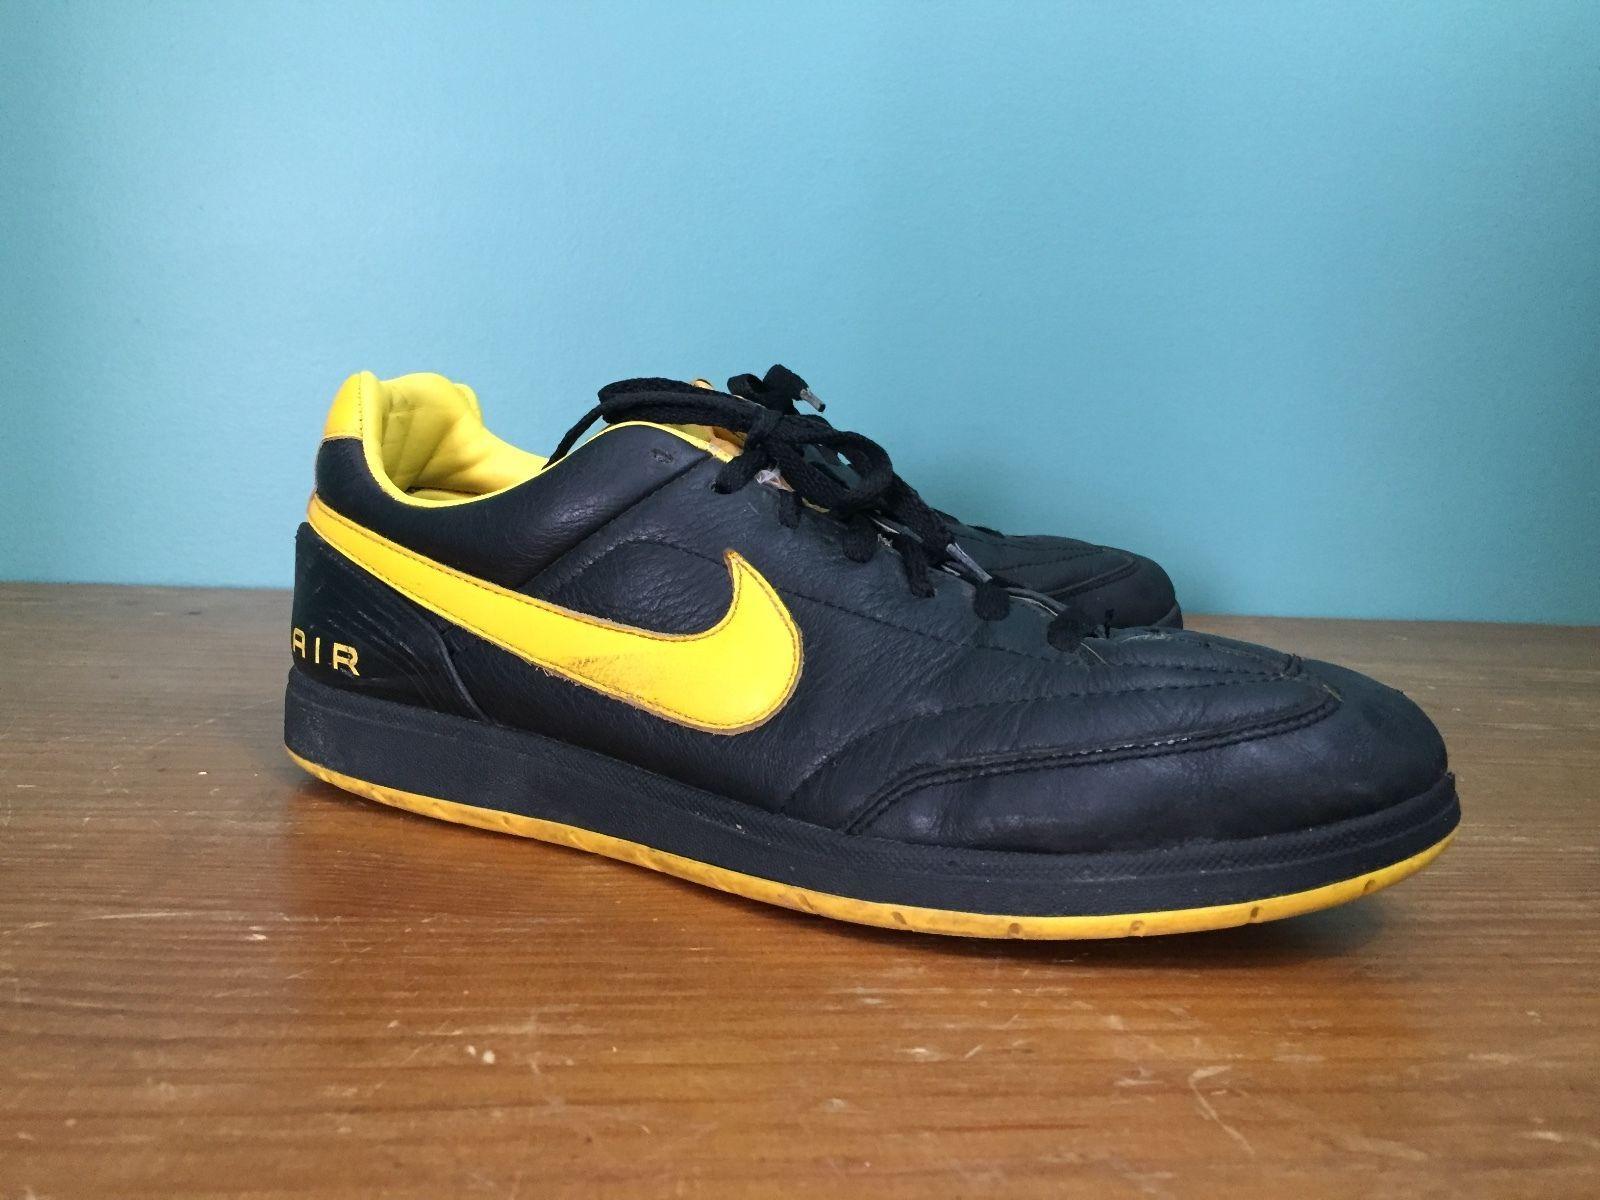 Nike Air Id Id Air Hombres Soccer Zapatos Casuales Talla Y 50 Artículos Similares dd0acc